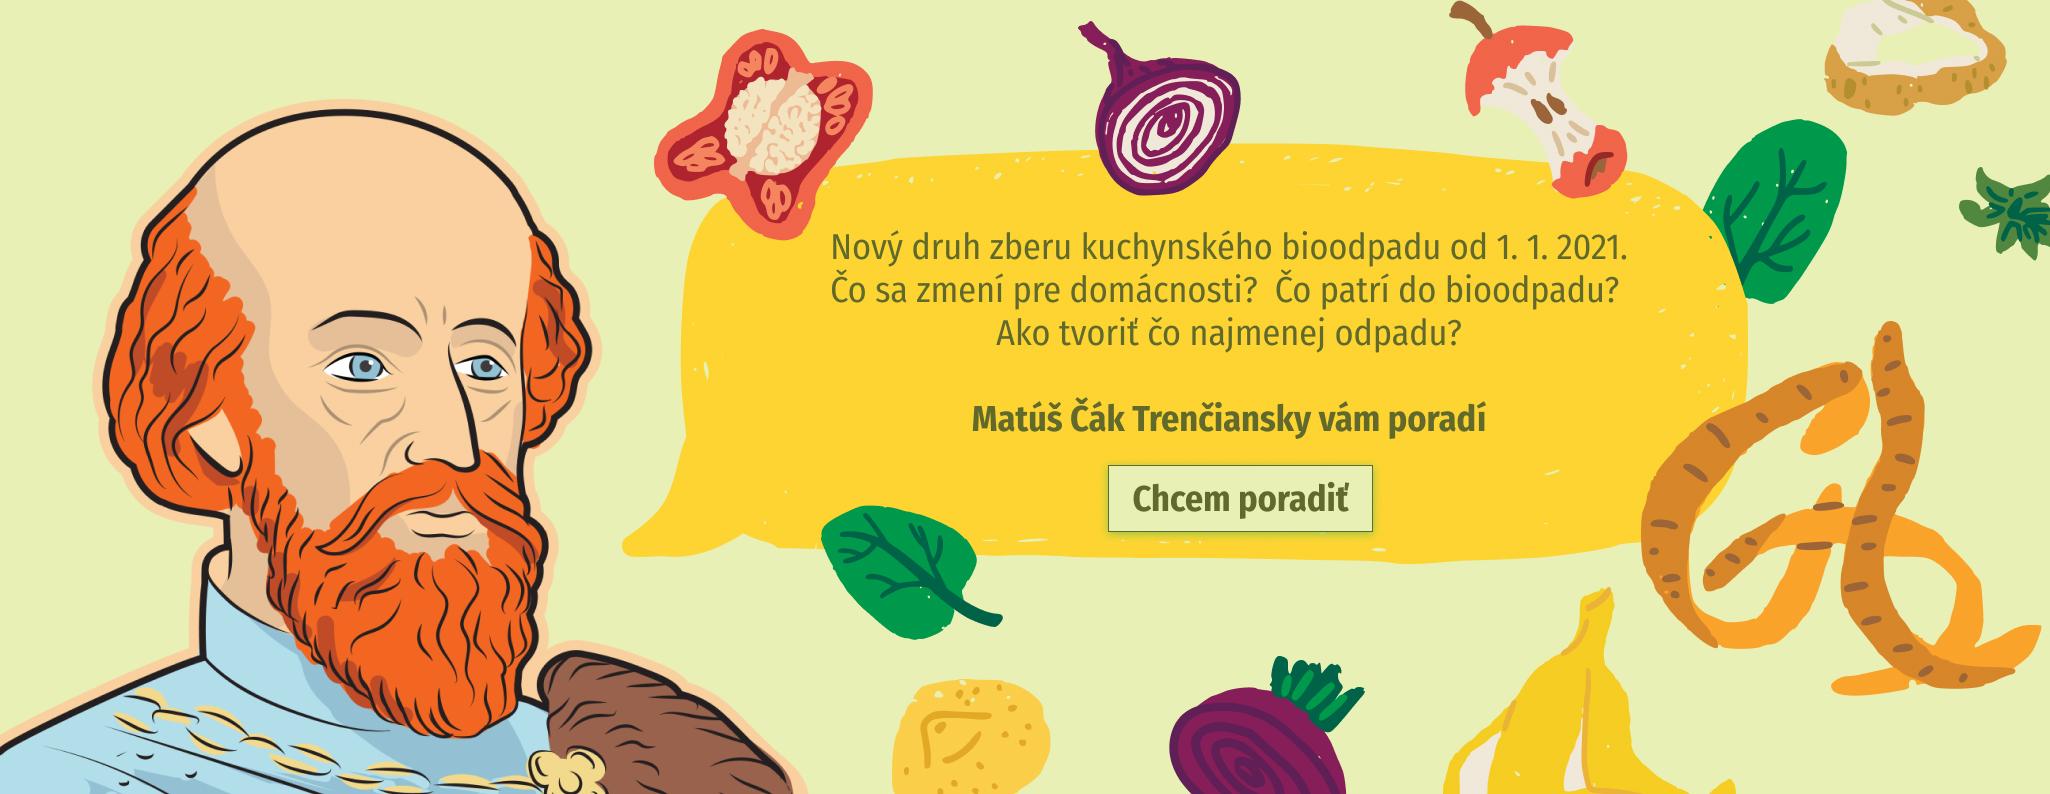 odkaz na webstranku trencinrecykluje.sk o zbere biologickeho kuchynskeho odpadu